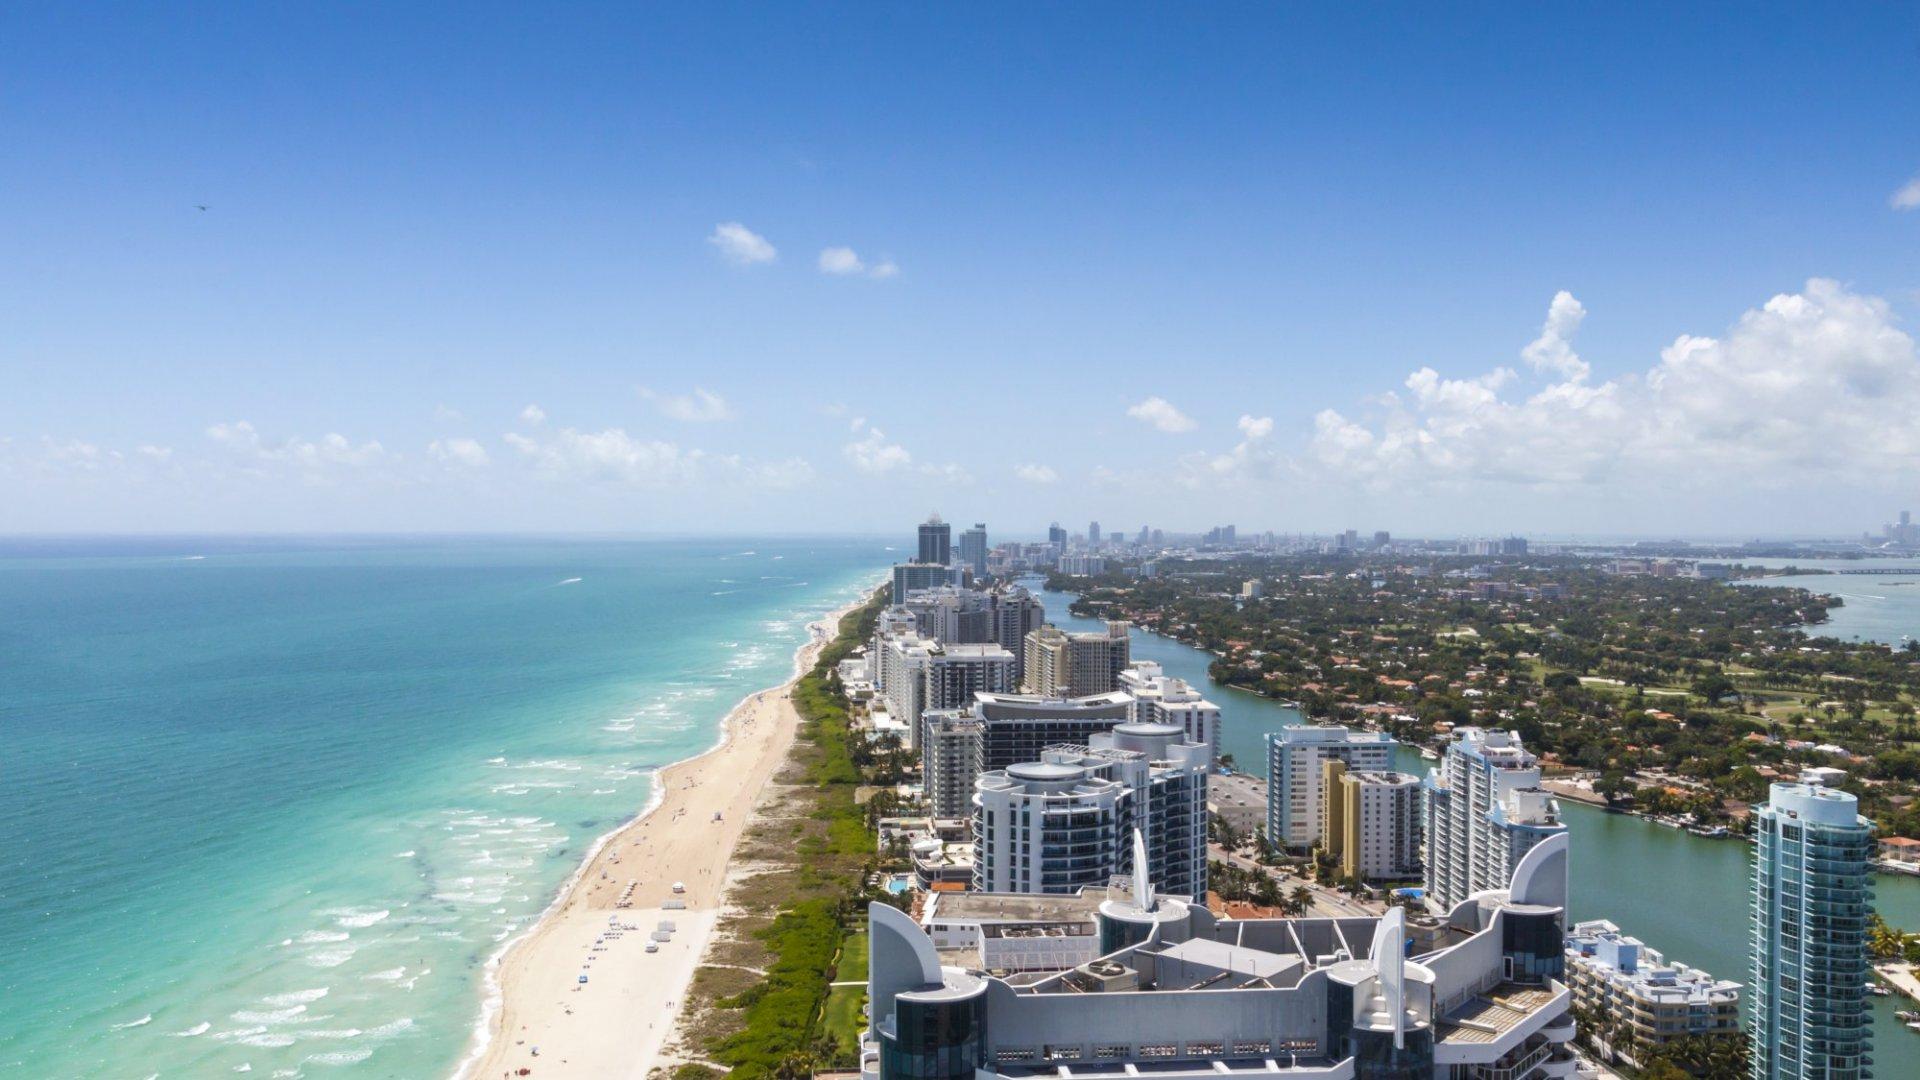 New VC in Residence Program Showcases Miami's Growing Interest in Entrepreneurship